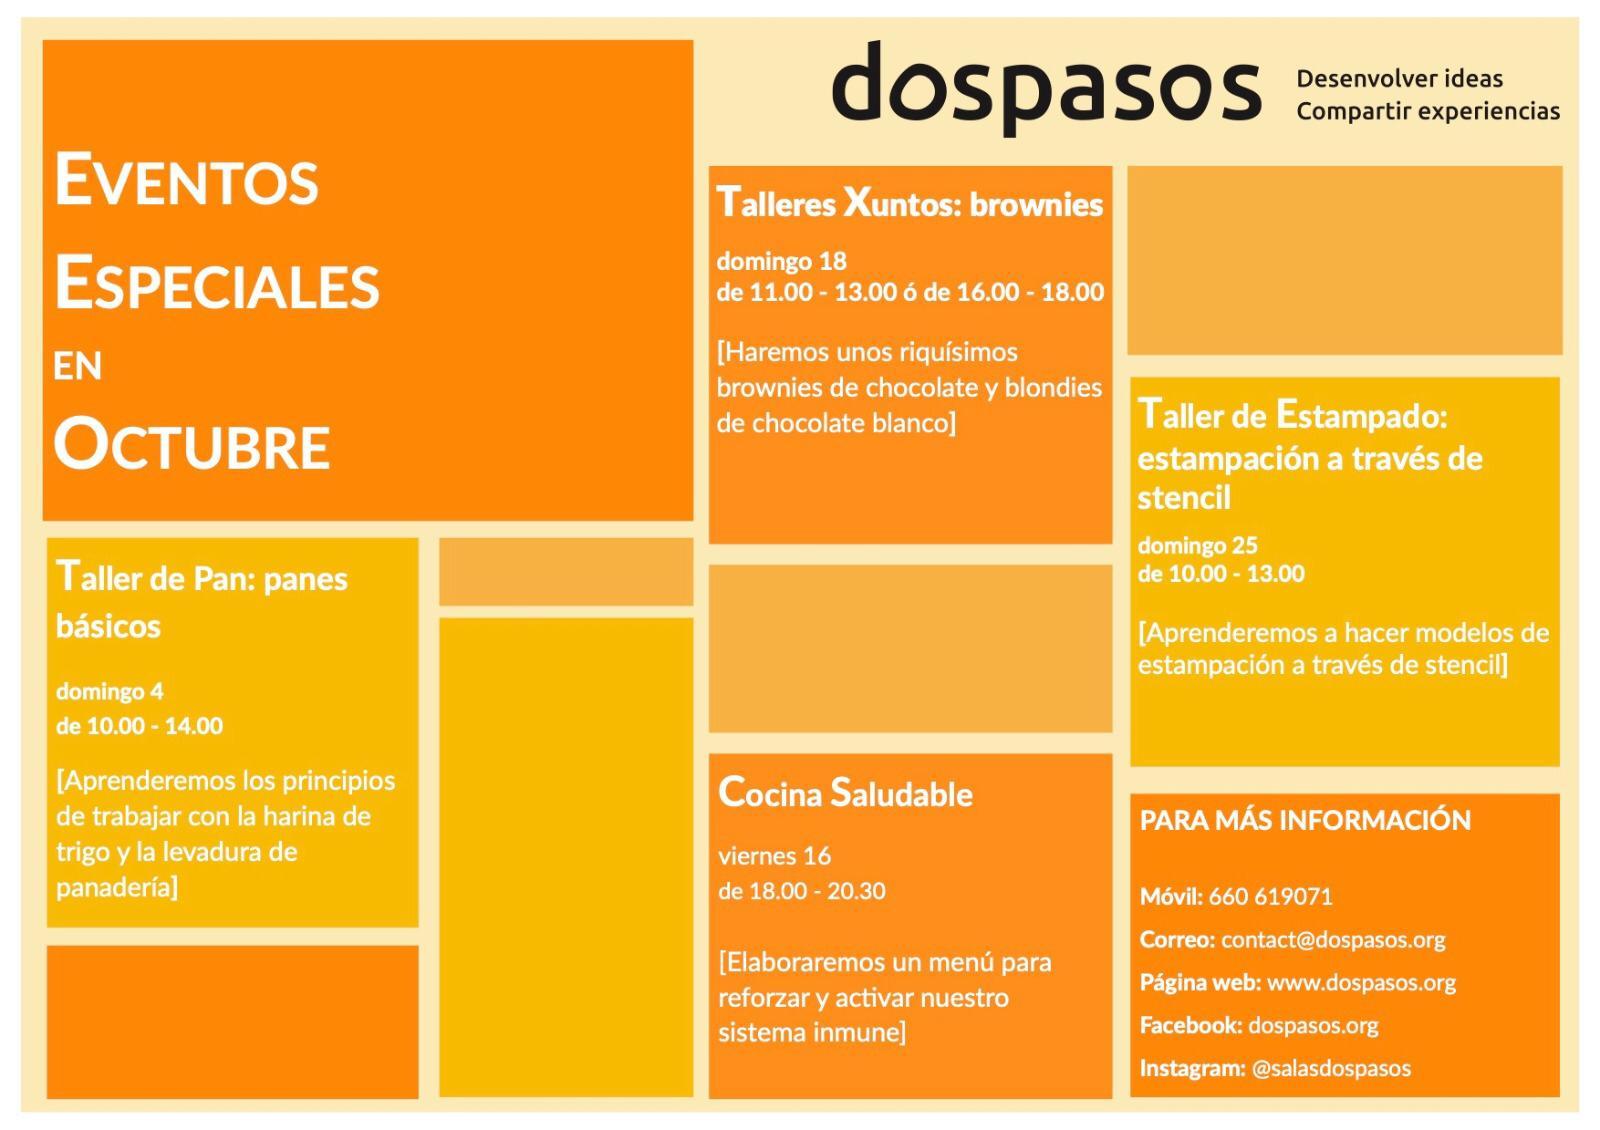 Outubro en Dospasos @ Dospasos